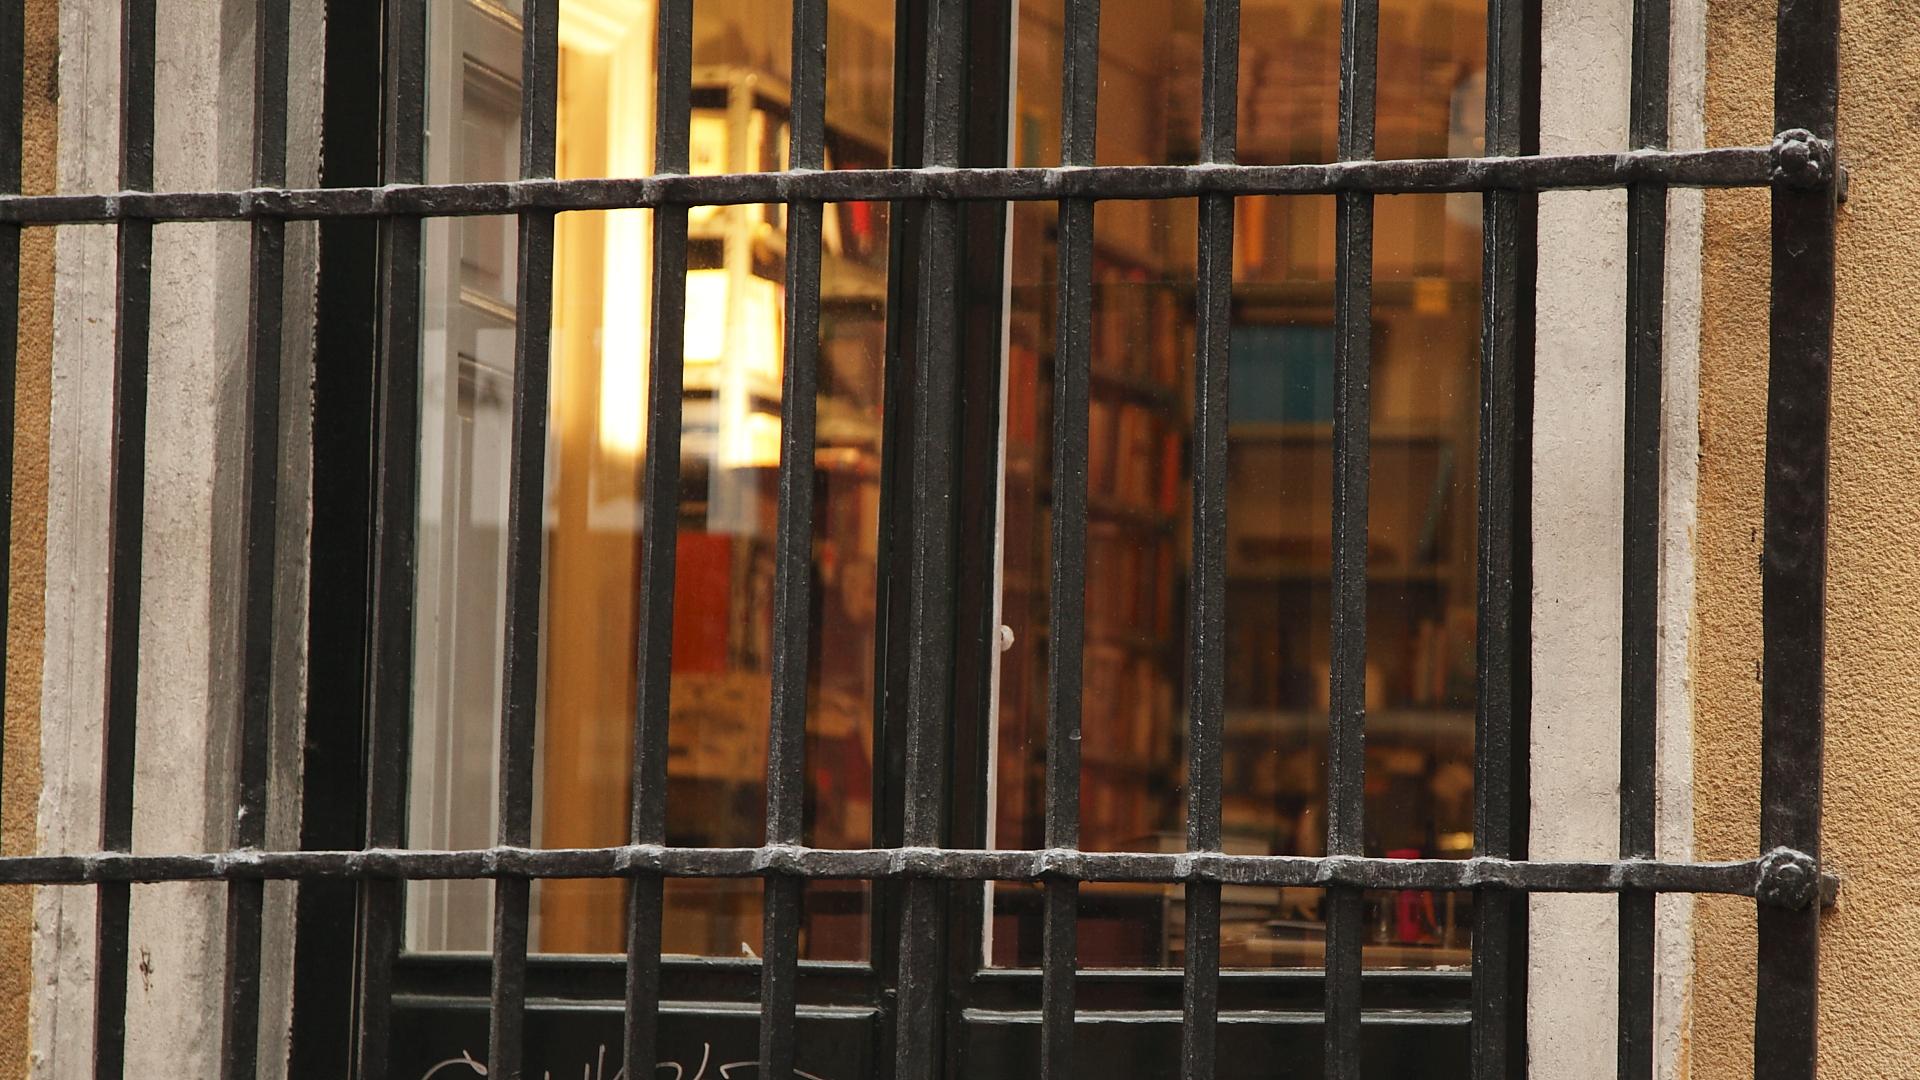 Tras la reja y la ventana se divisa una acogedora biblioteca